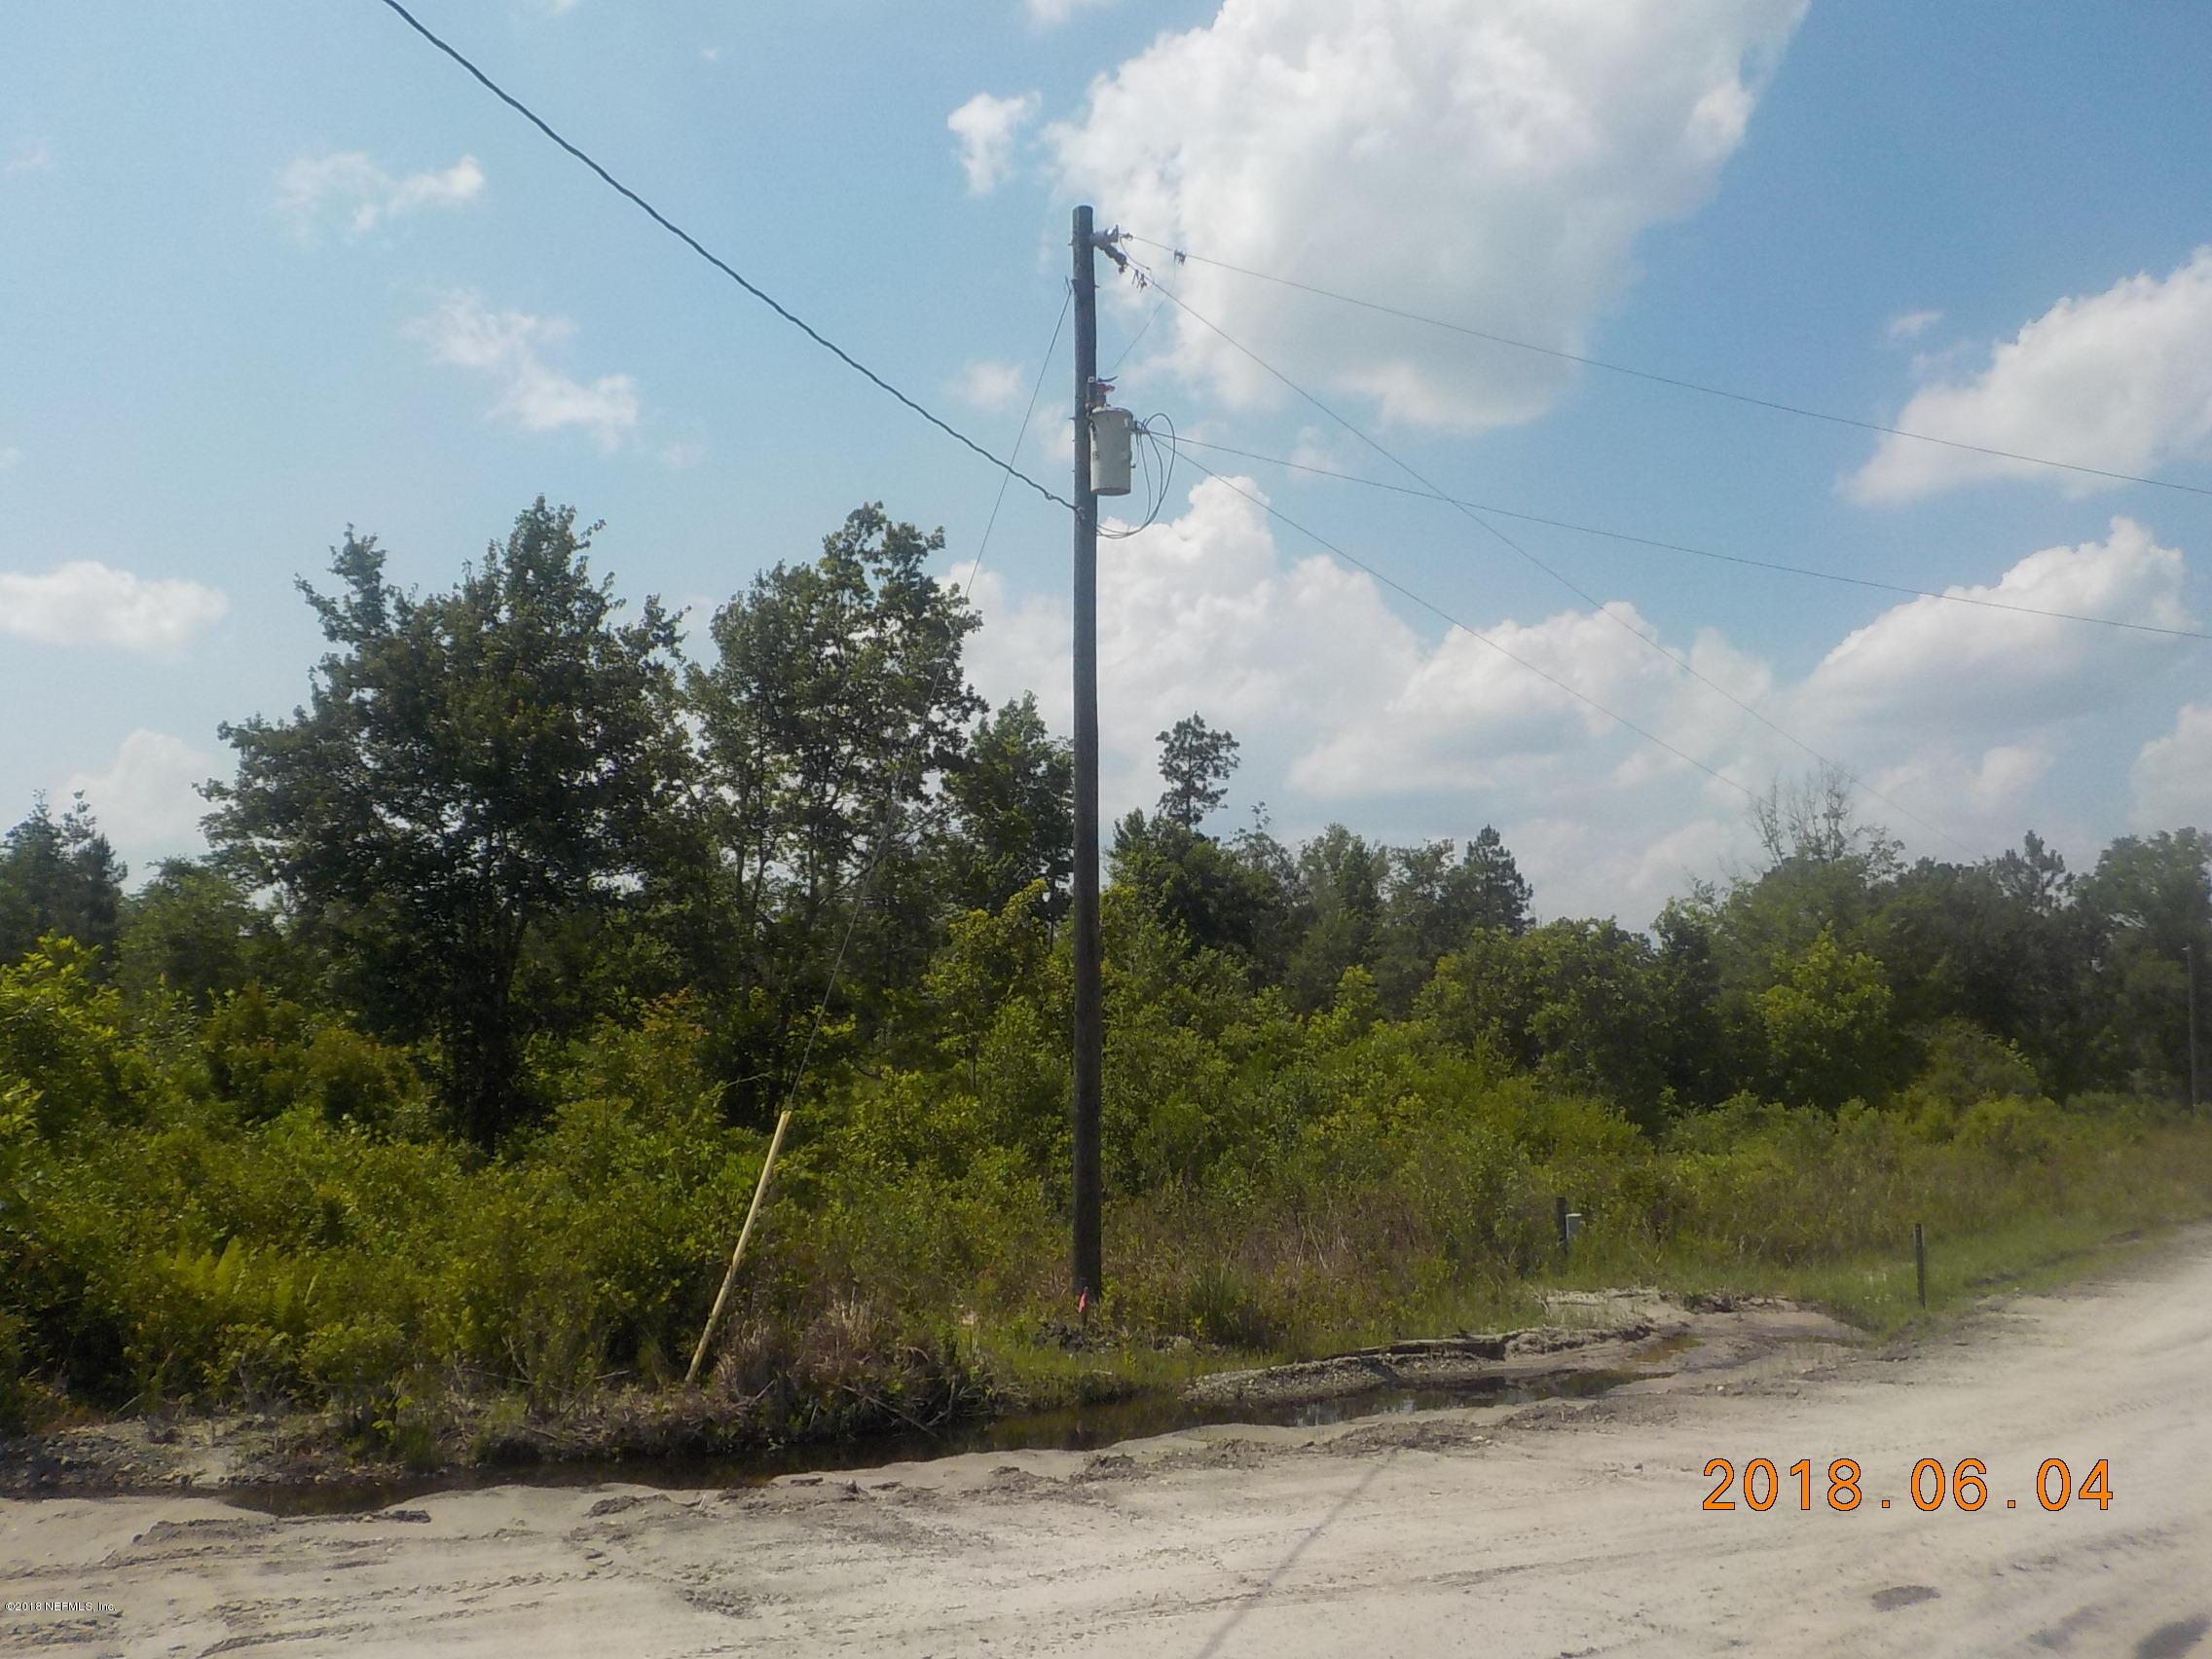 33 CEDAR CREEK FARMS, GLEN ST. MARY, FLORIDA 32040, ,Vacant land,For sale,CEDAR CREEK FARMS,940186